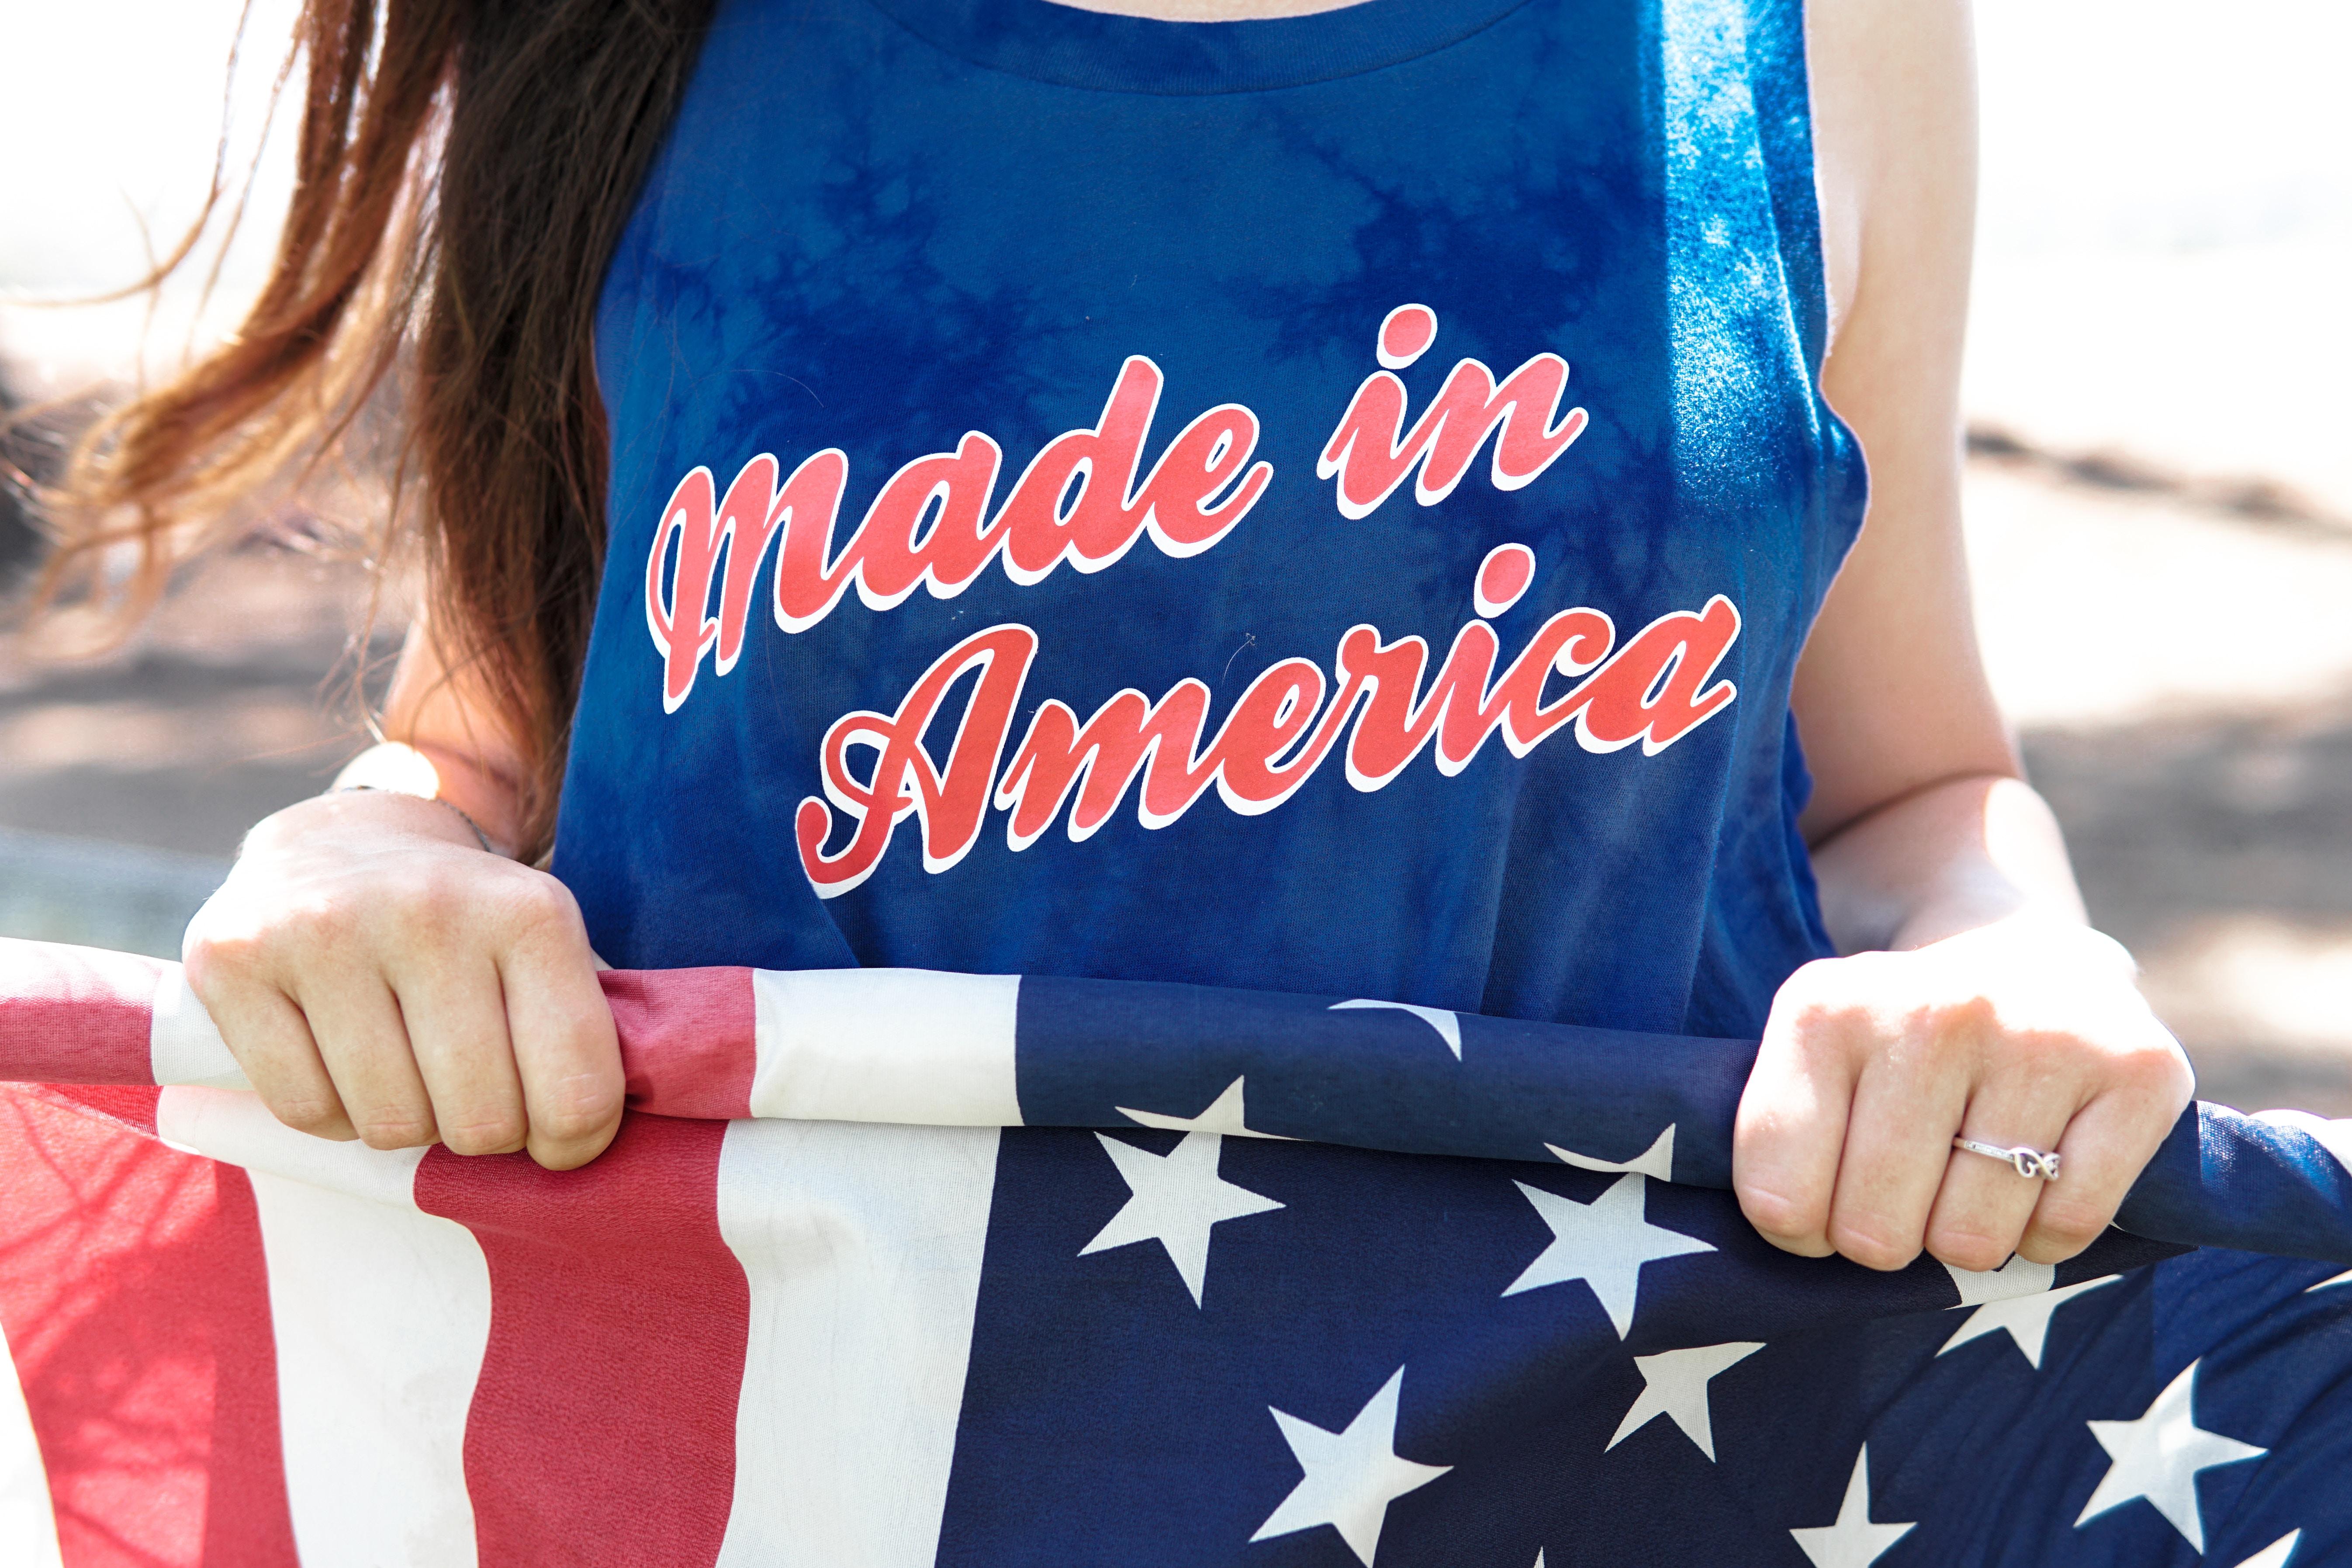 USA flag and tee shirt